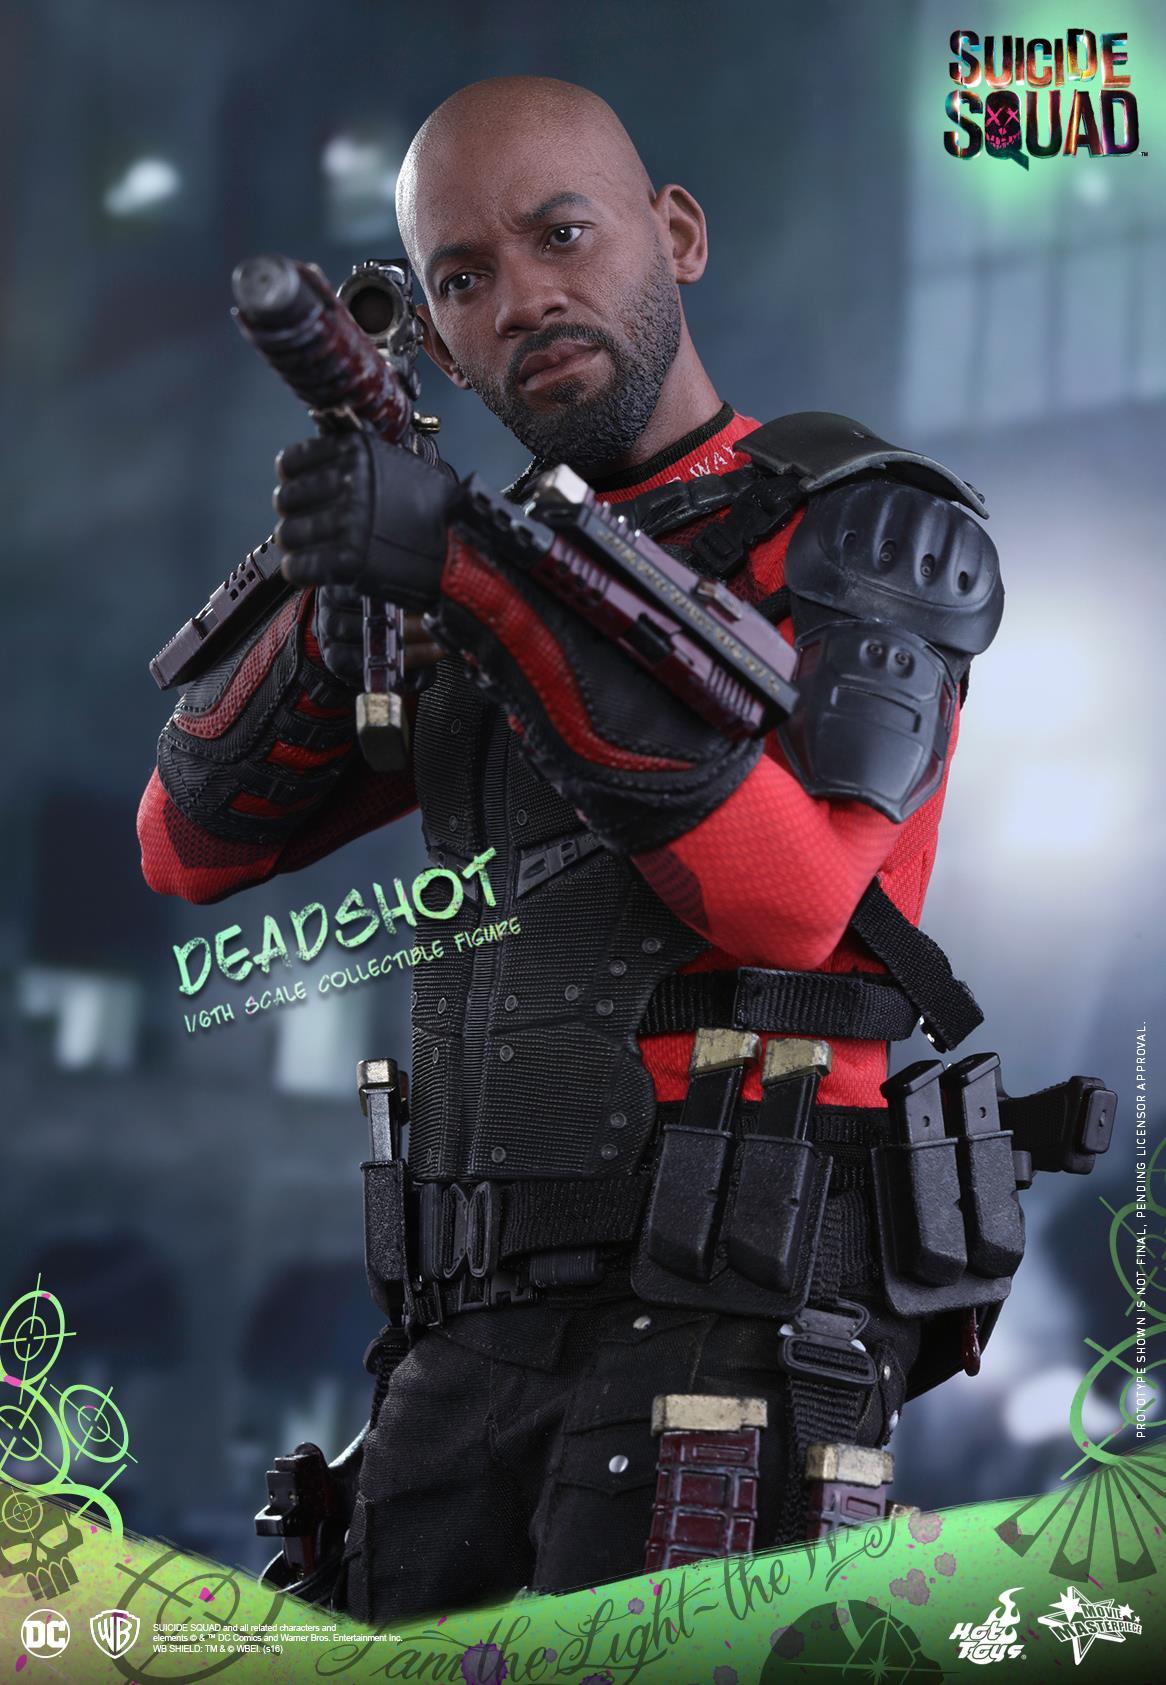 Hot-Toys-Suicide-Squad-Deadshot-4